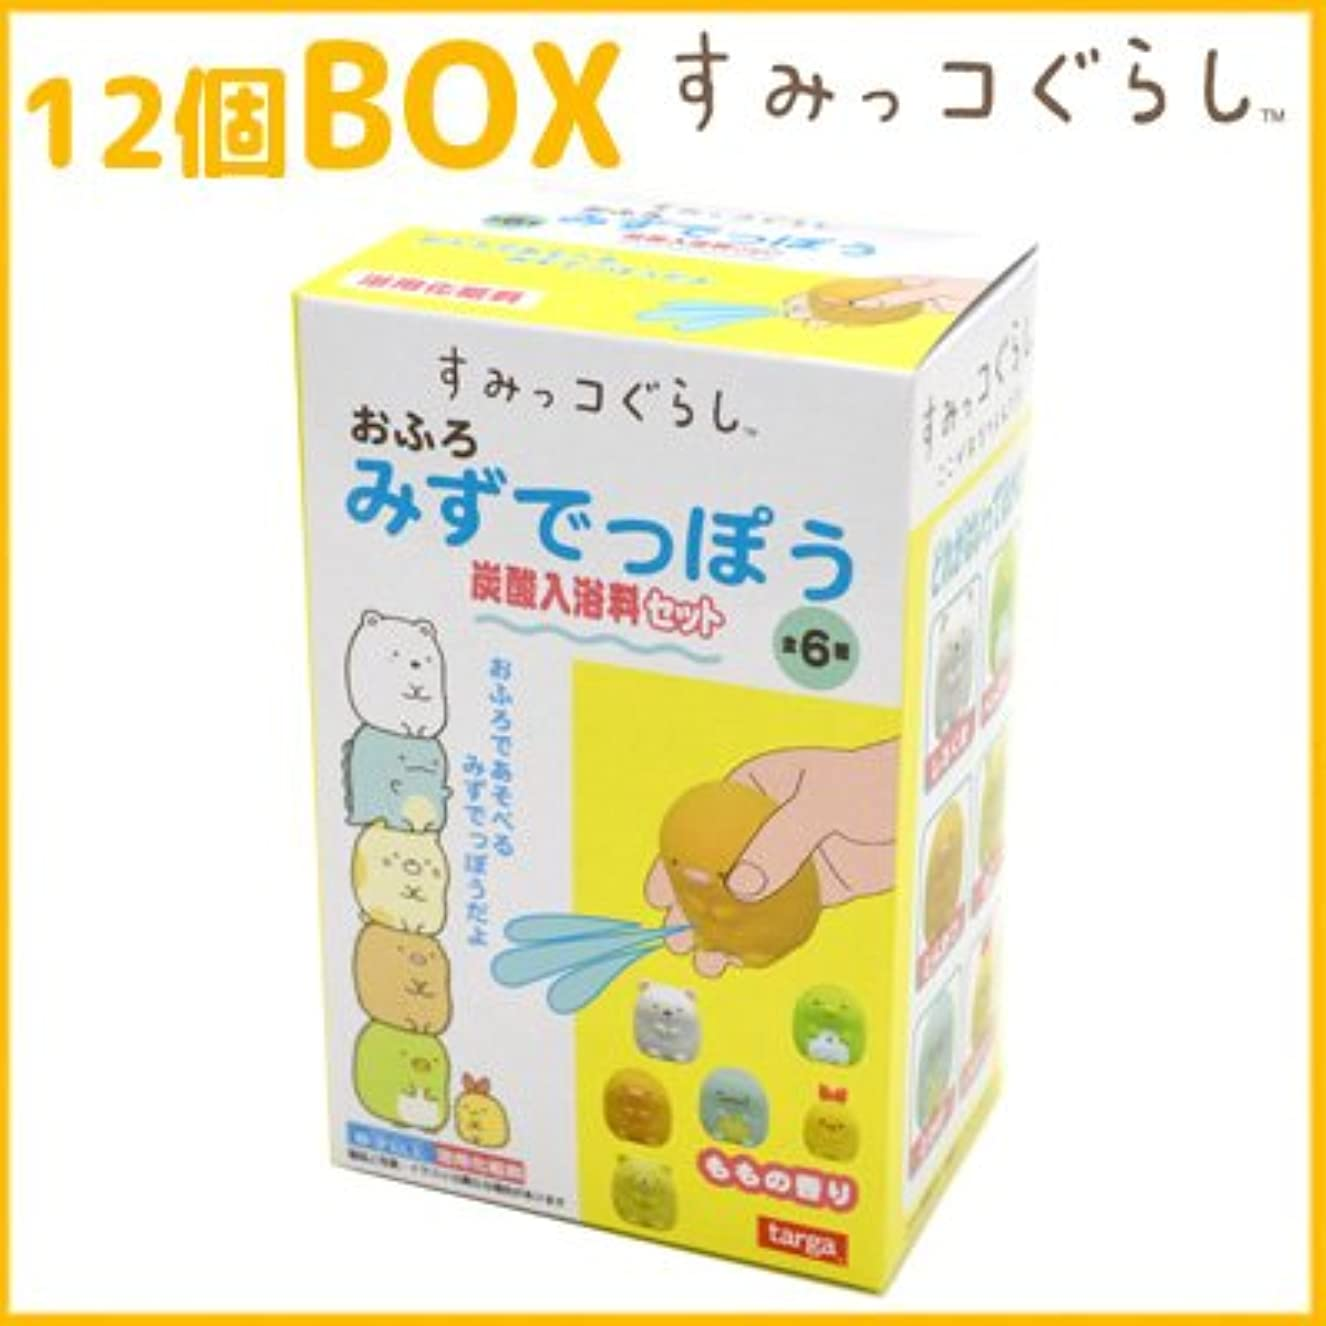 遅滞繁栄する毎週すみっコぐらしおふろみずてっぽう炭酸入浴剤セット12個セットBOX販売